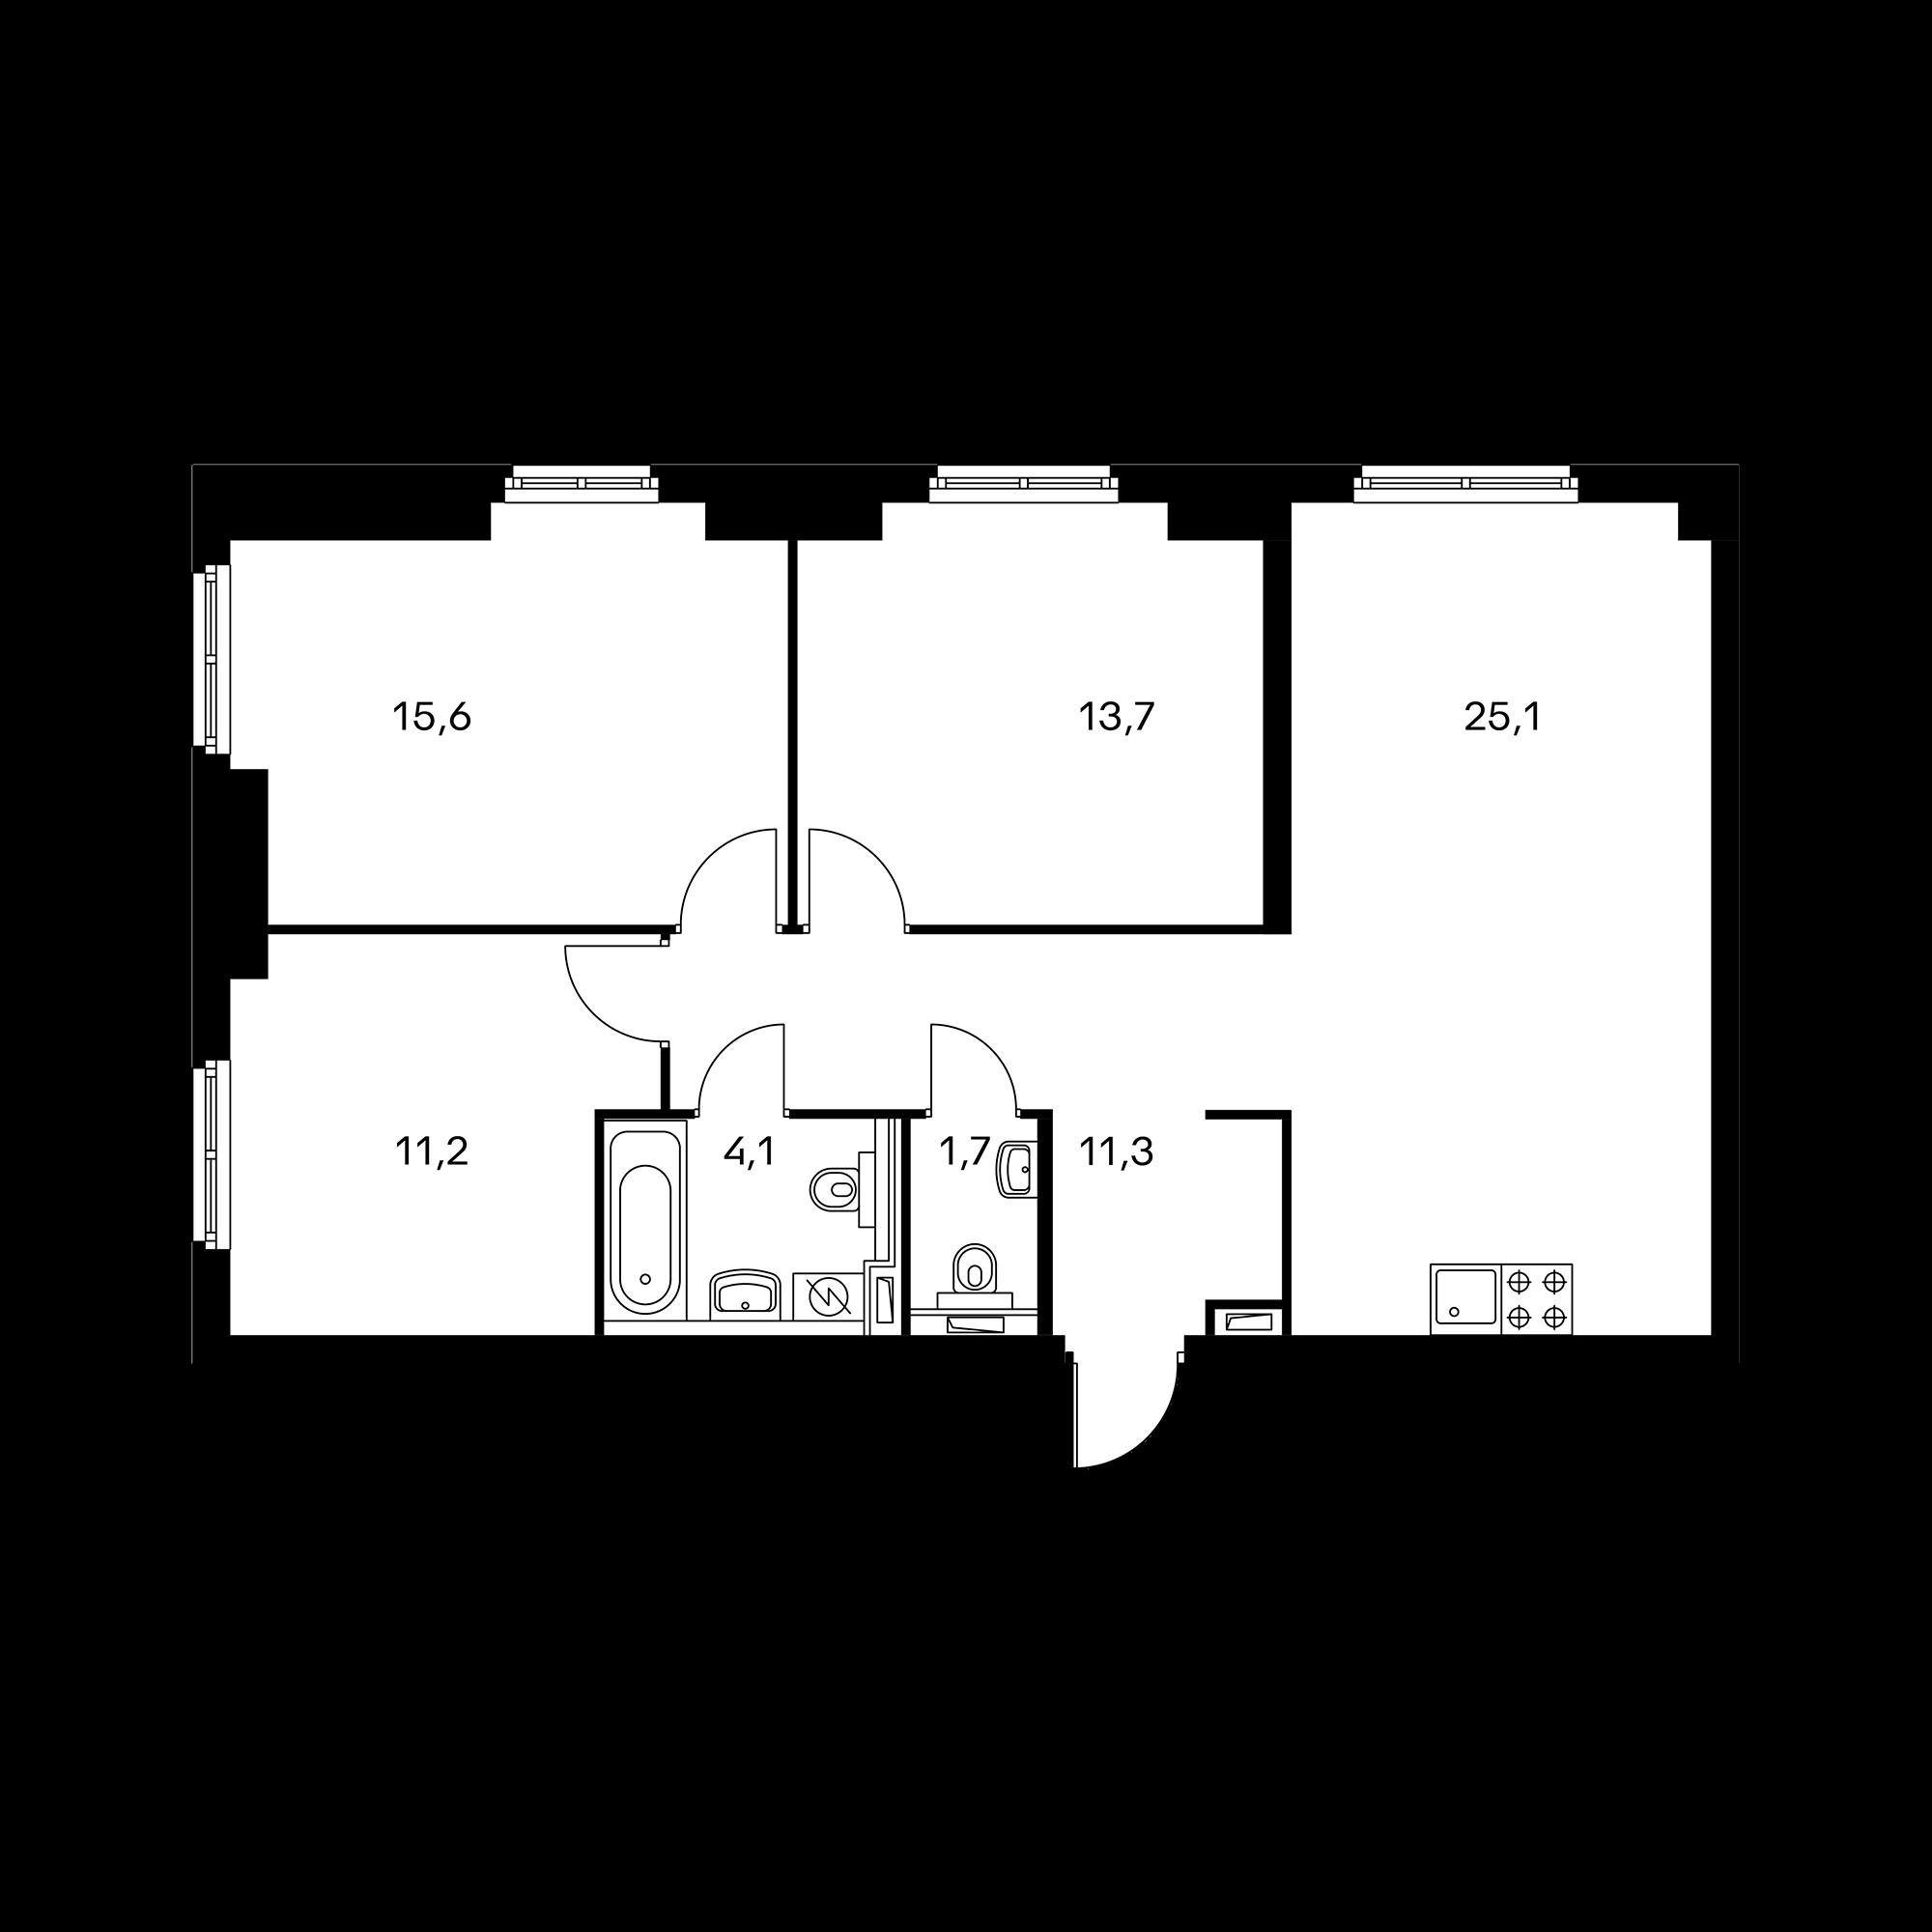 3EL5-7.2-1_T_A